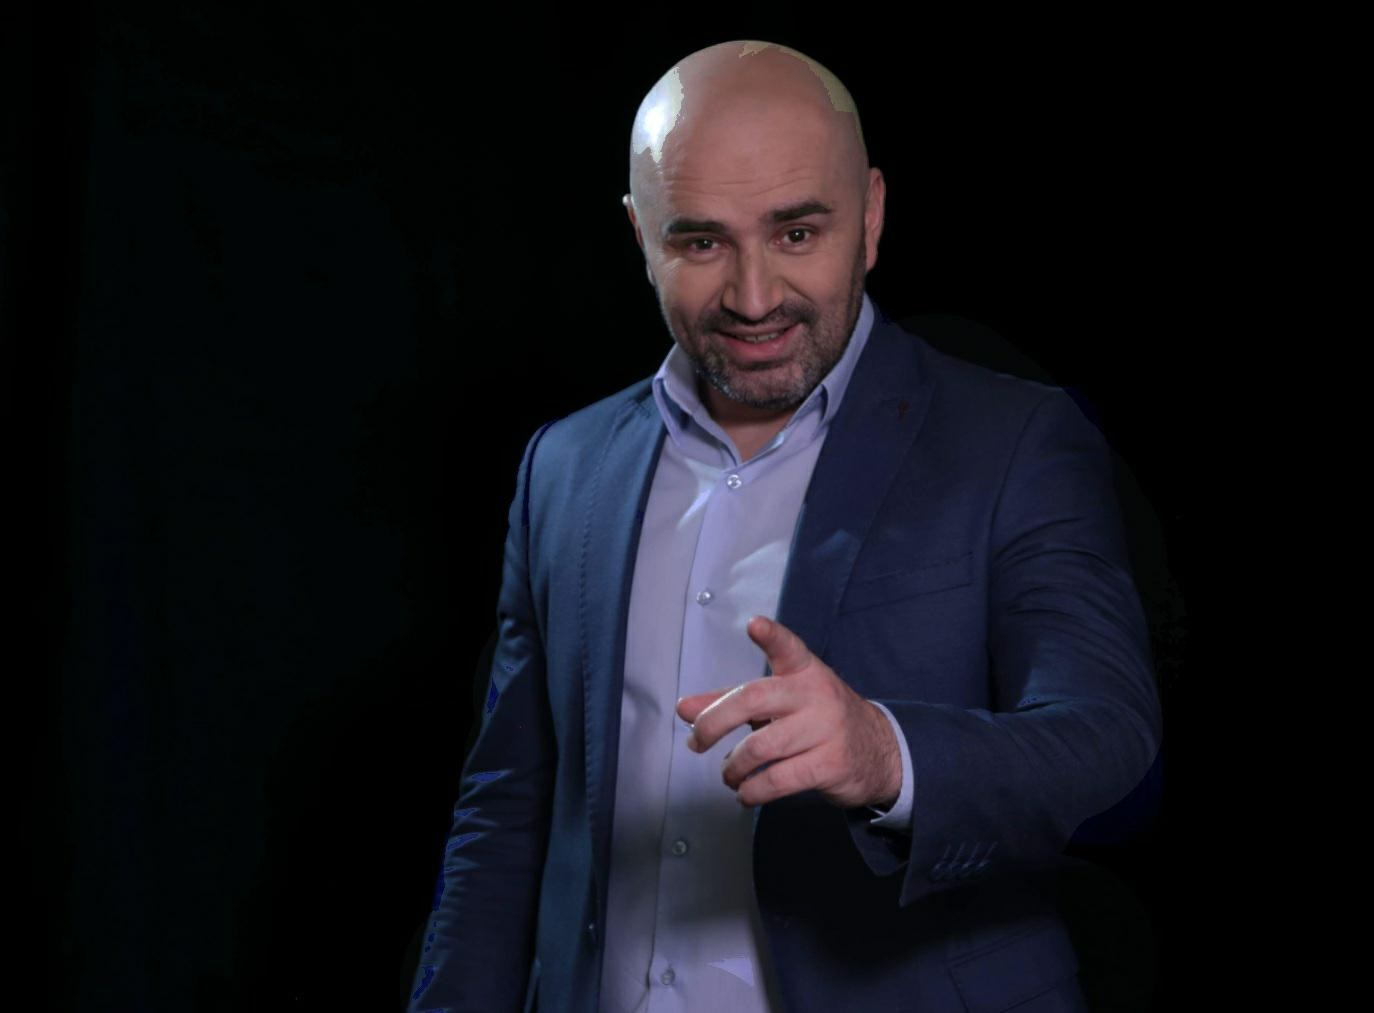 """Kemal Hasić teaserom najavio premijeru numere """"Kuća mala"""""""